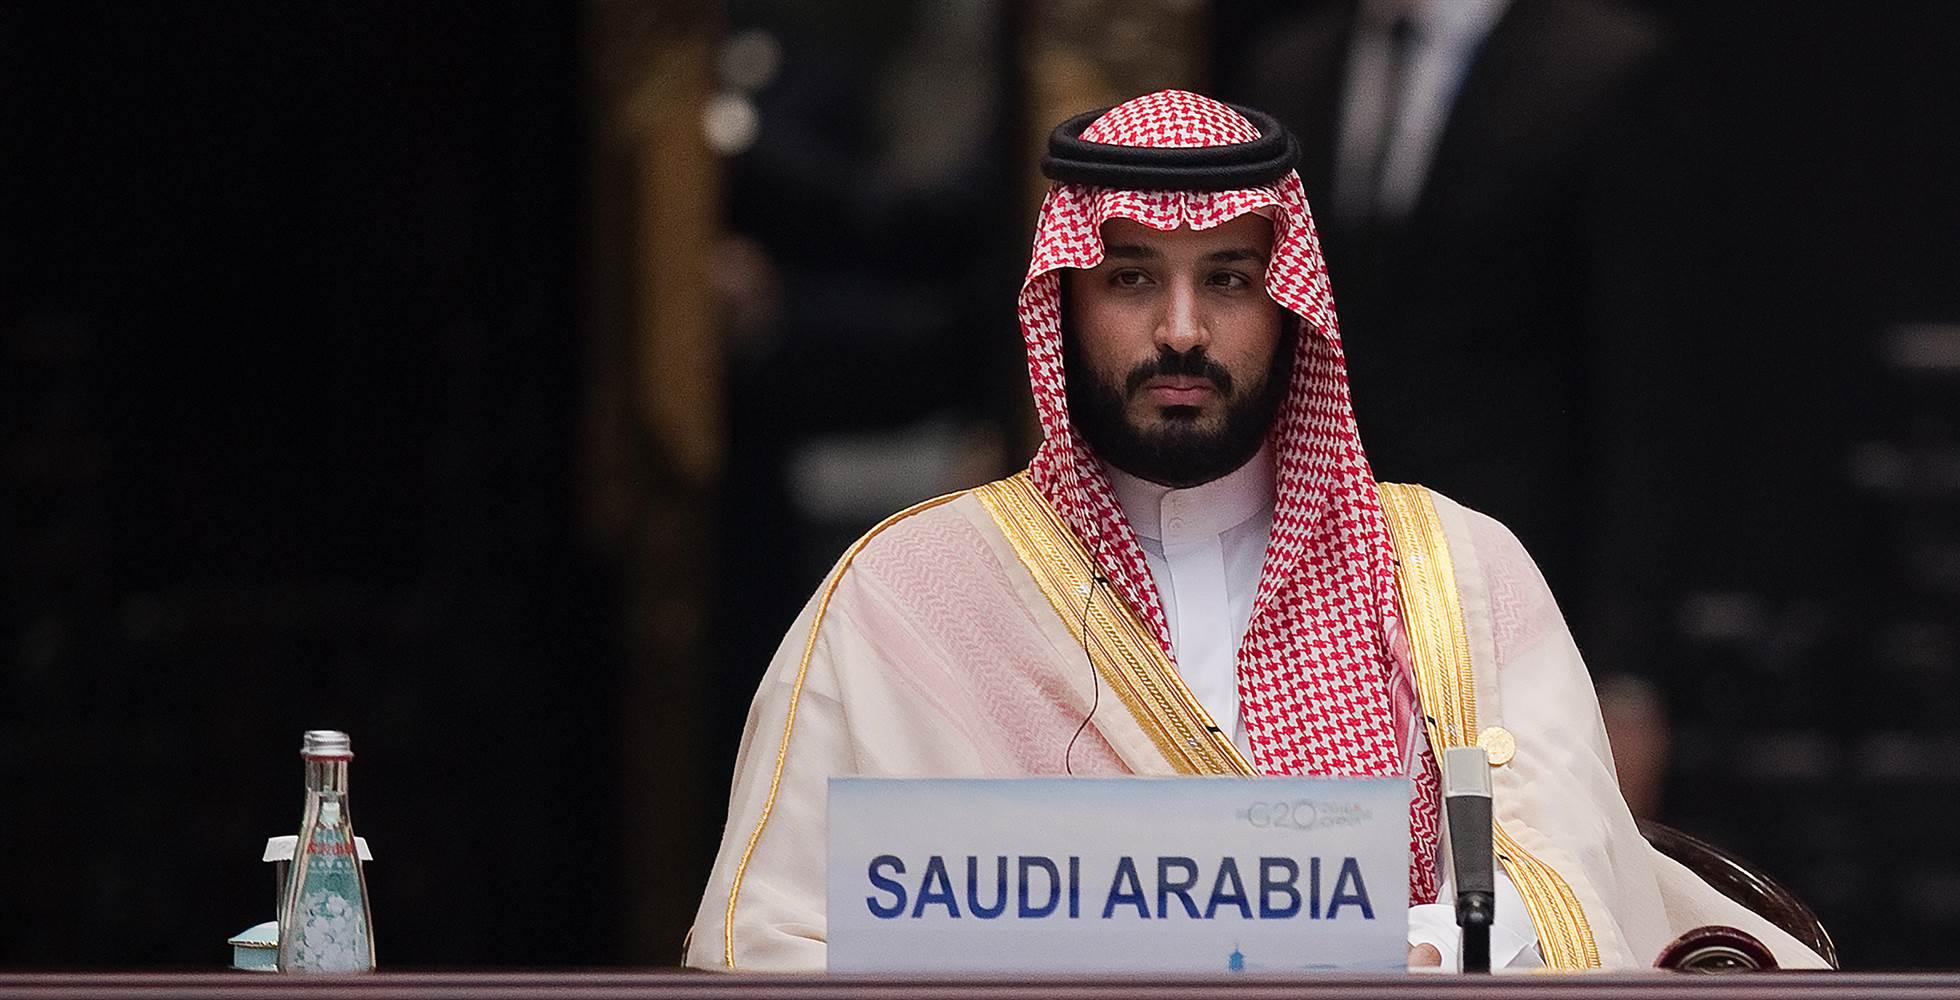 crowned mohammed_bin_salman